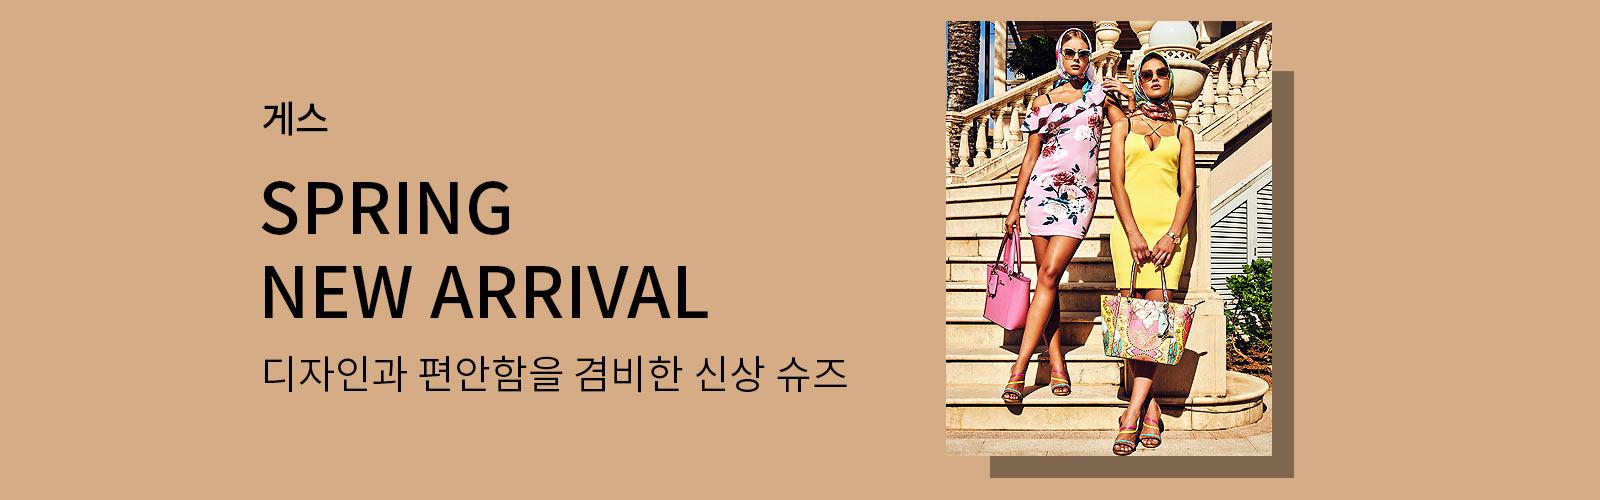 게스 SPRING NEW ARRIVAL 디자인과 편안함을 겸비한 신상 슈즈